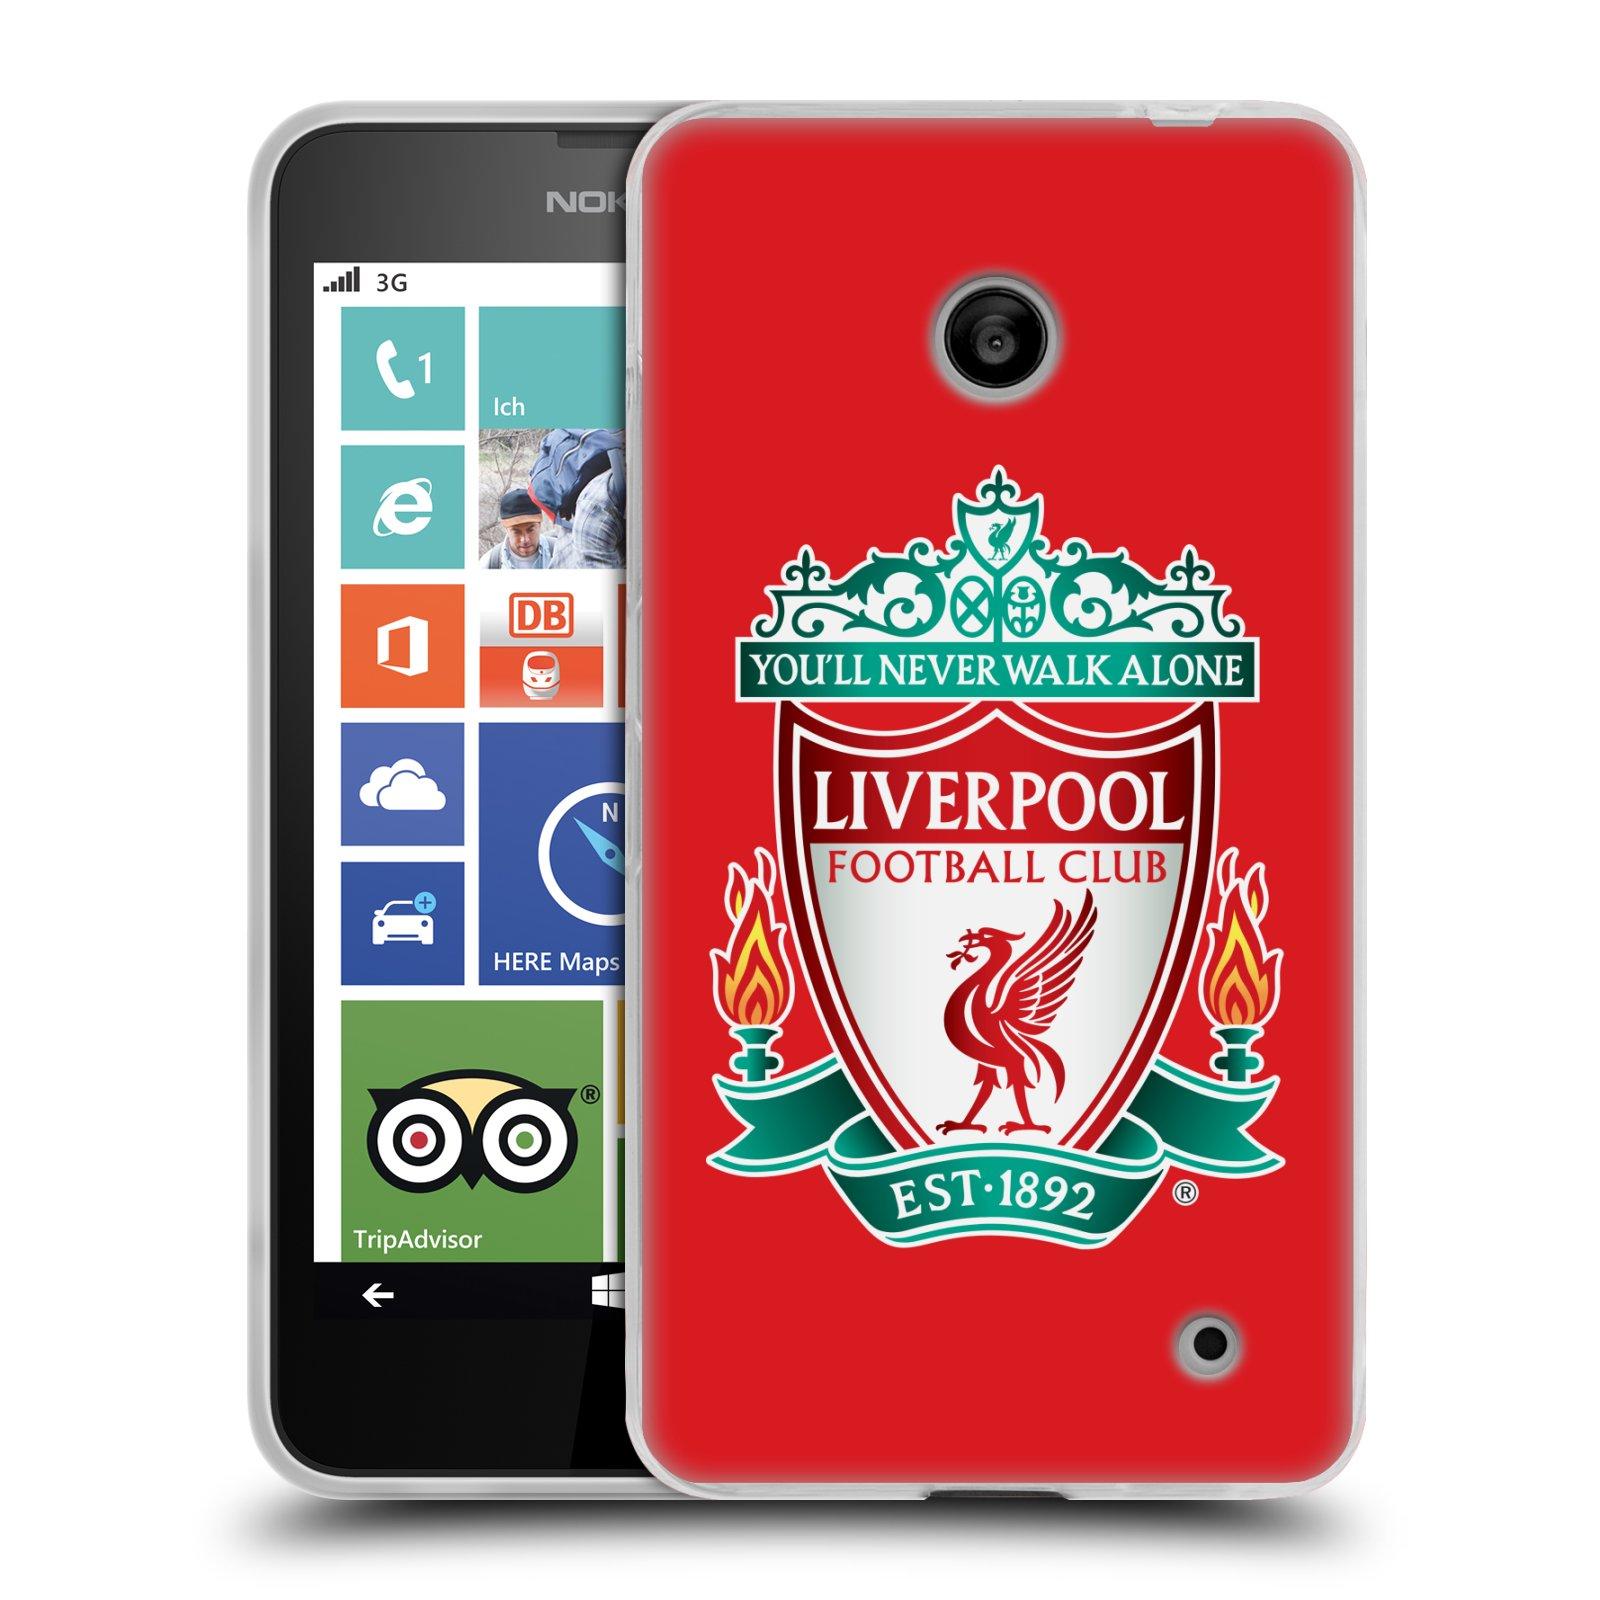 Silikonové pouzdro na mobil Nokia Lumia 630 HEAD CASE ZNAK LIVERPOOL FC OFFICIAL RED (Silikonový kryt či obal na mobilní telefon Liverpool FC Official pro Nokia Lumia 630 a Nokia Lumia 630 Dual SIM)